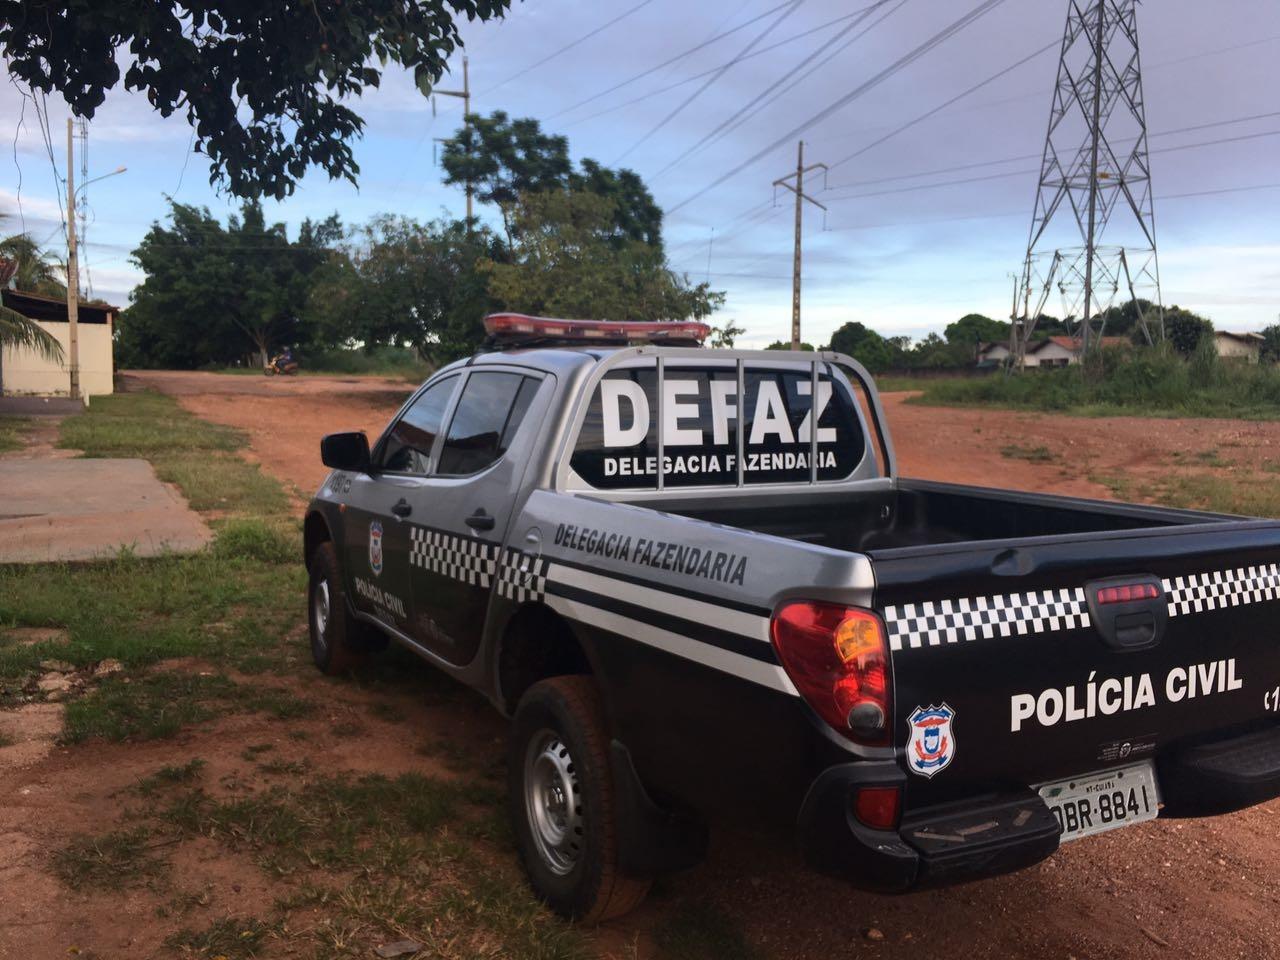 Polícia Civil deflagra operação para apurar corrupção de servidores e contribuintes de Várzea Grande